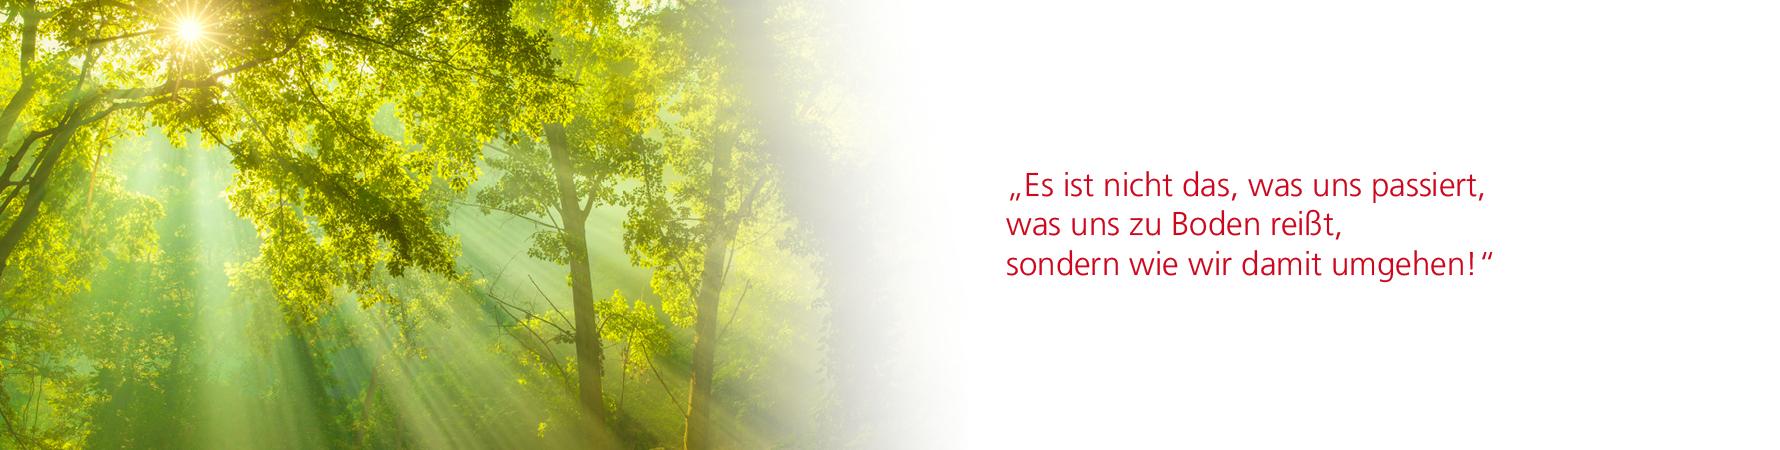 Slider_Sonnenstrahl_Training_V2_